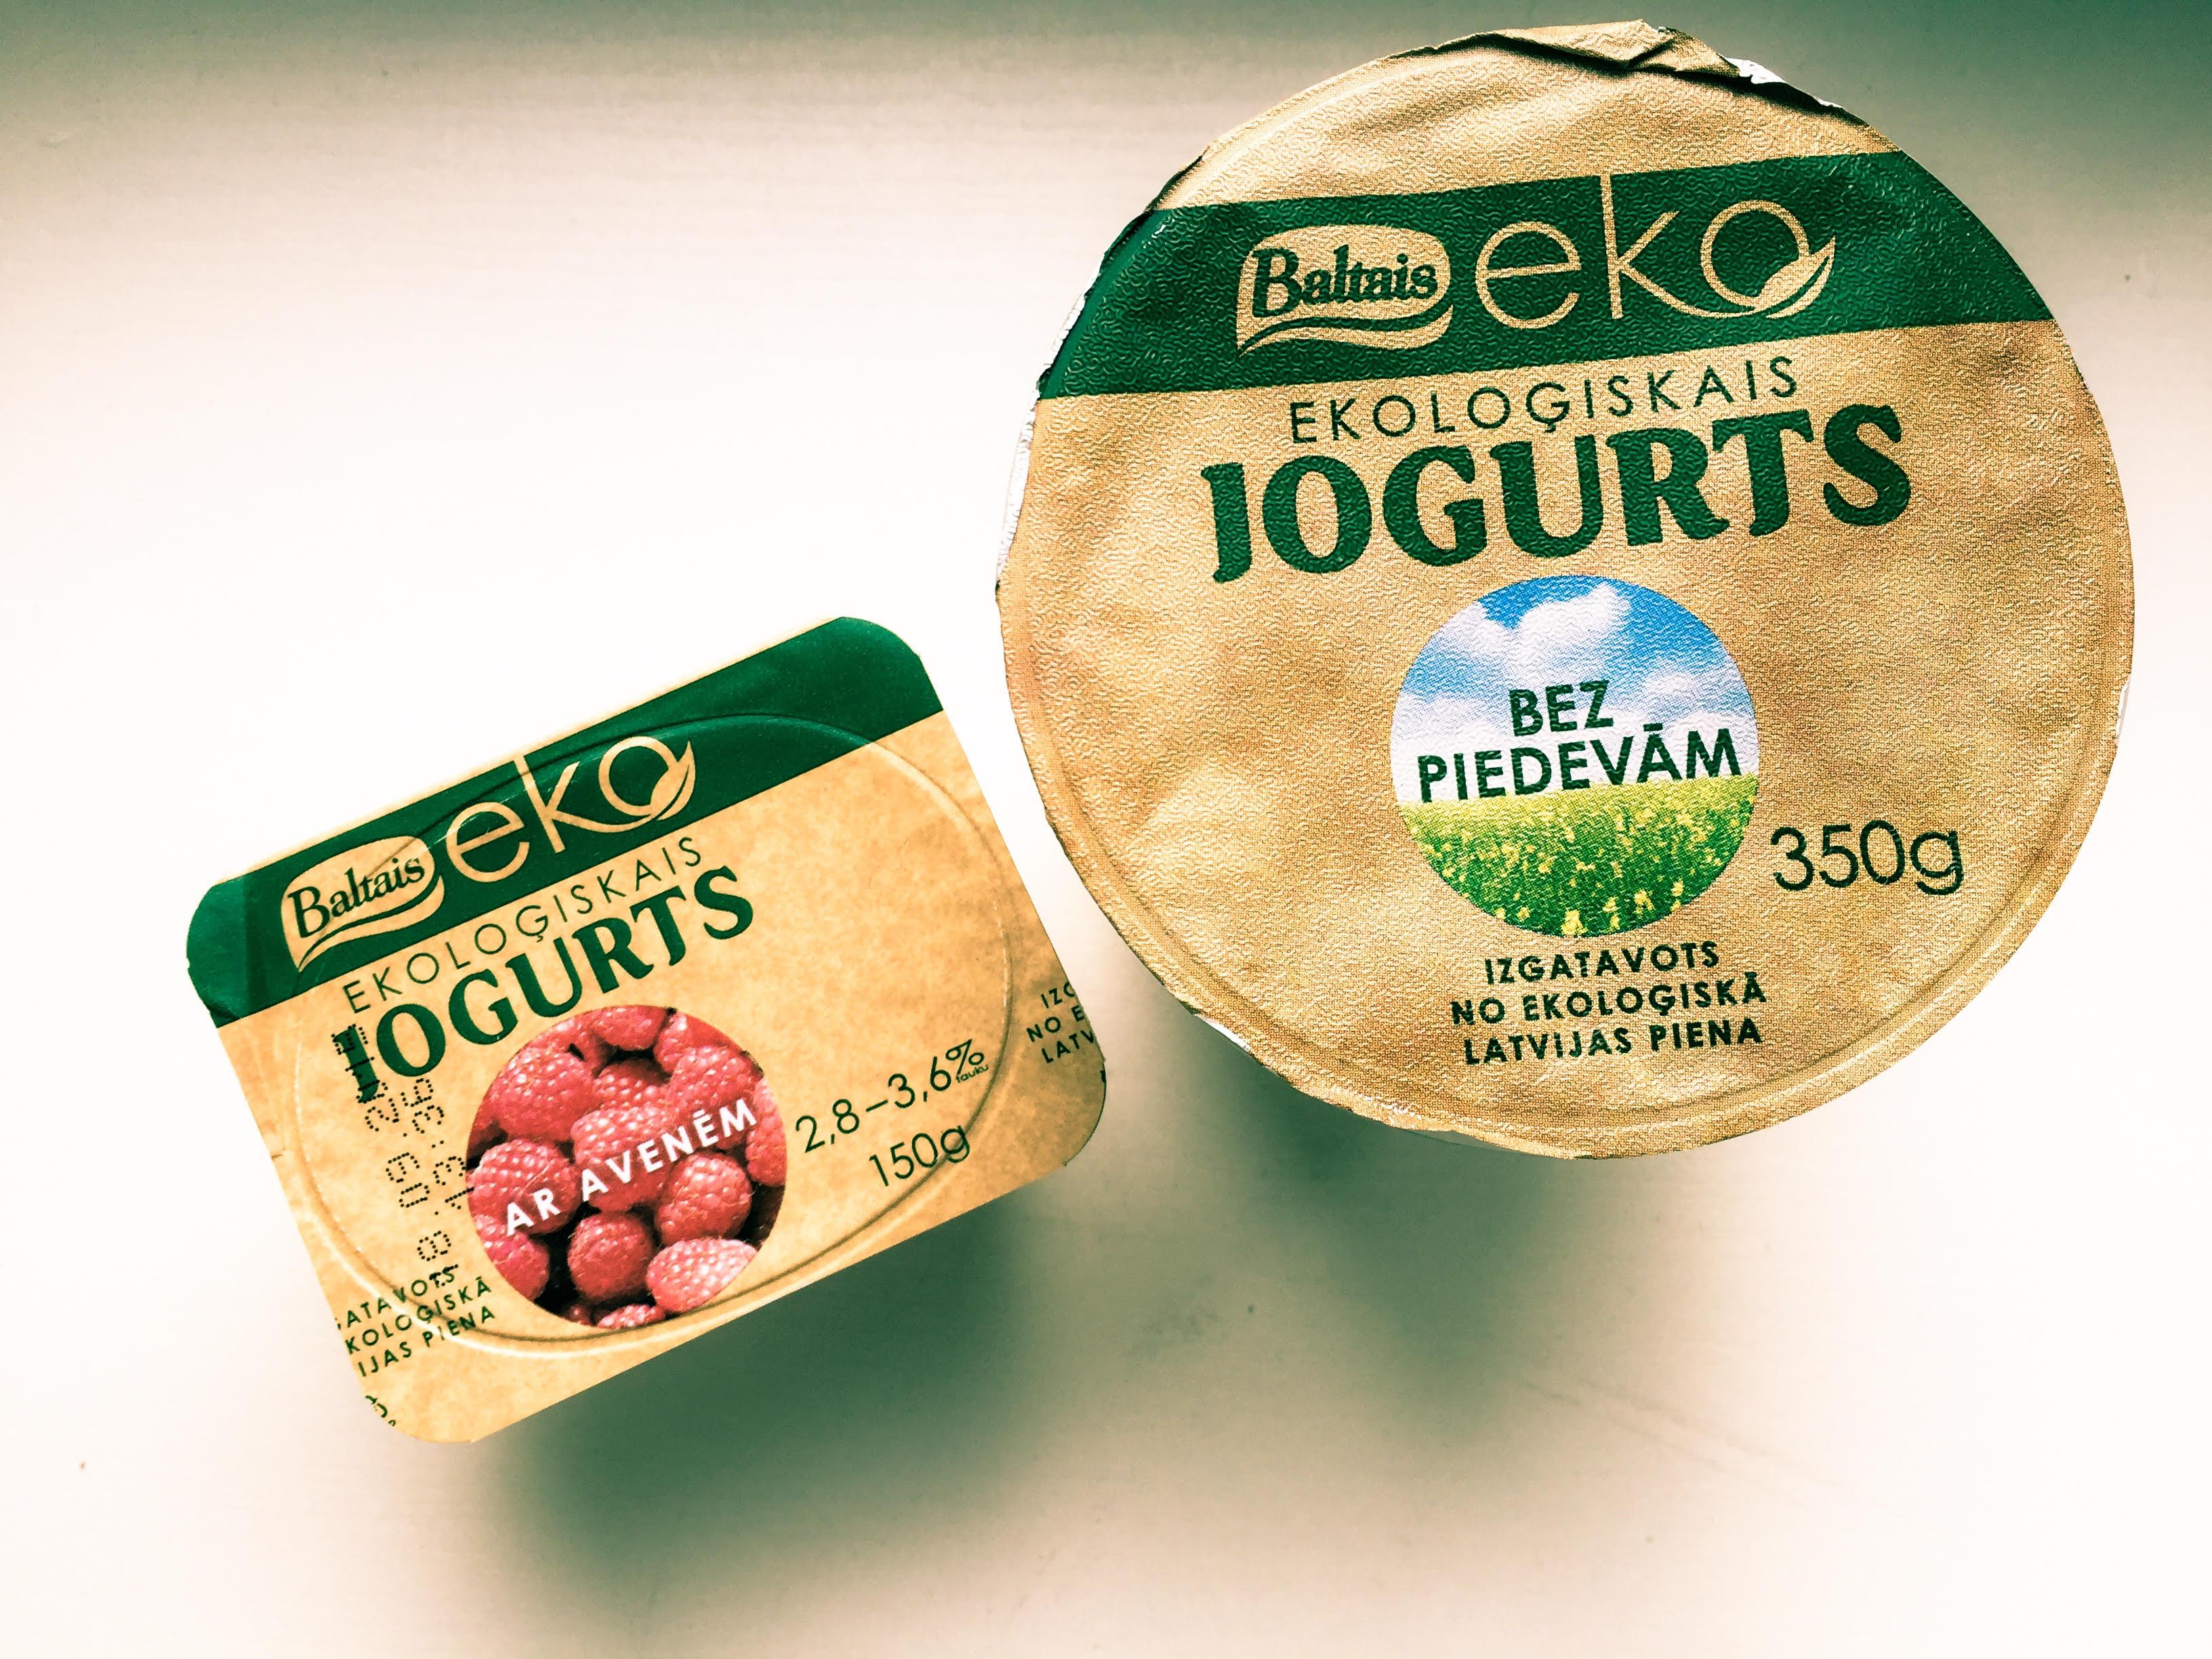 Ja, das ist lettischer Joghurt. Nein, den bekommt man in Moskau nicht mehr.